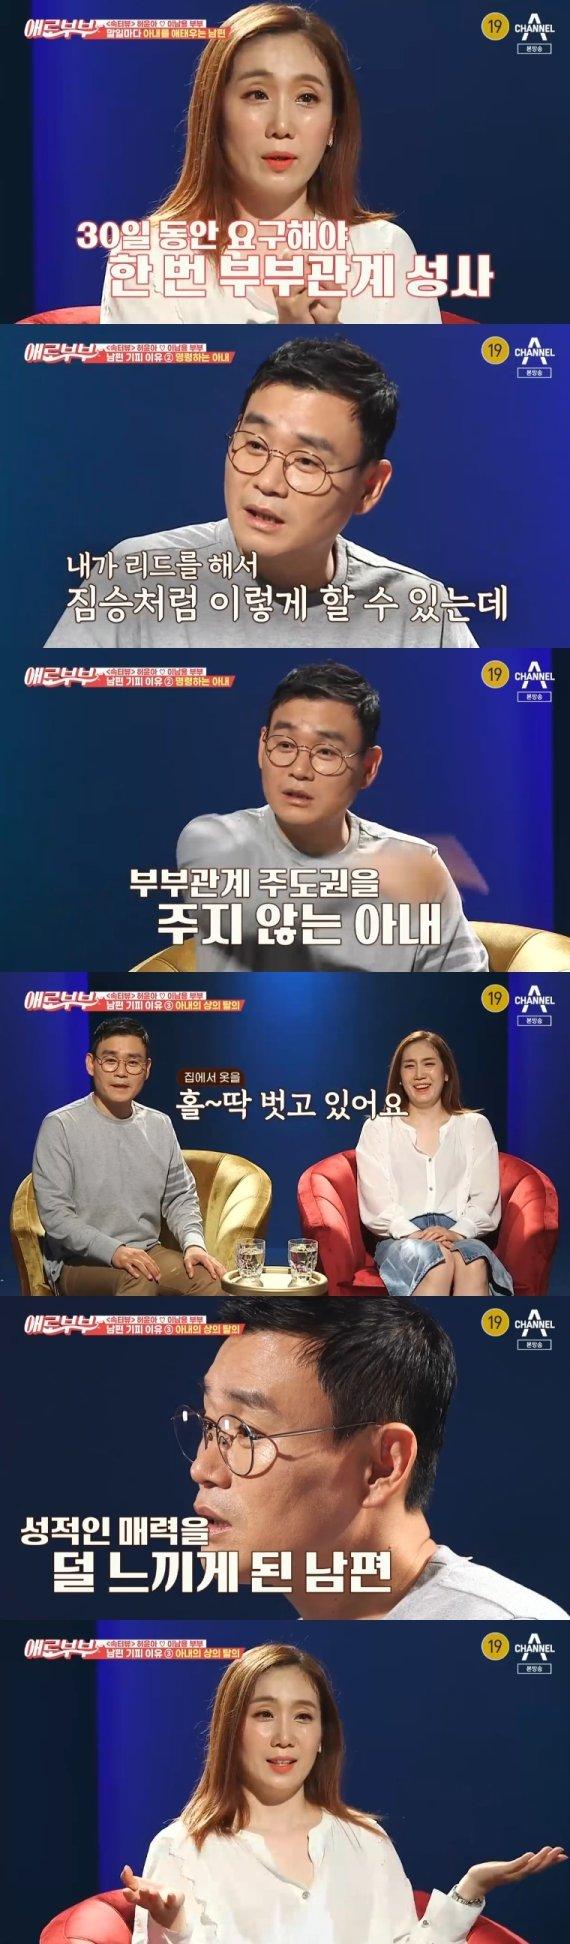 [RE:TV] '애로부부' 허윤아 남편 이남용, 부부관계 기피 이유 '솔직 고백'